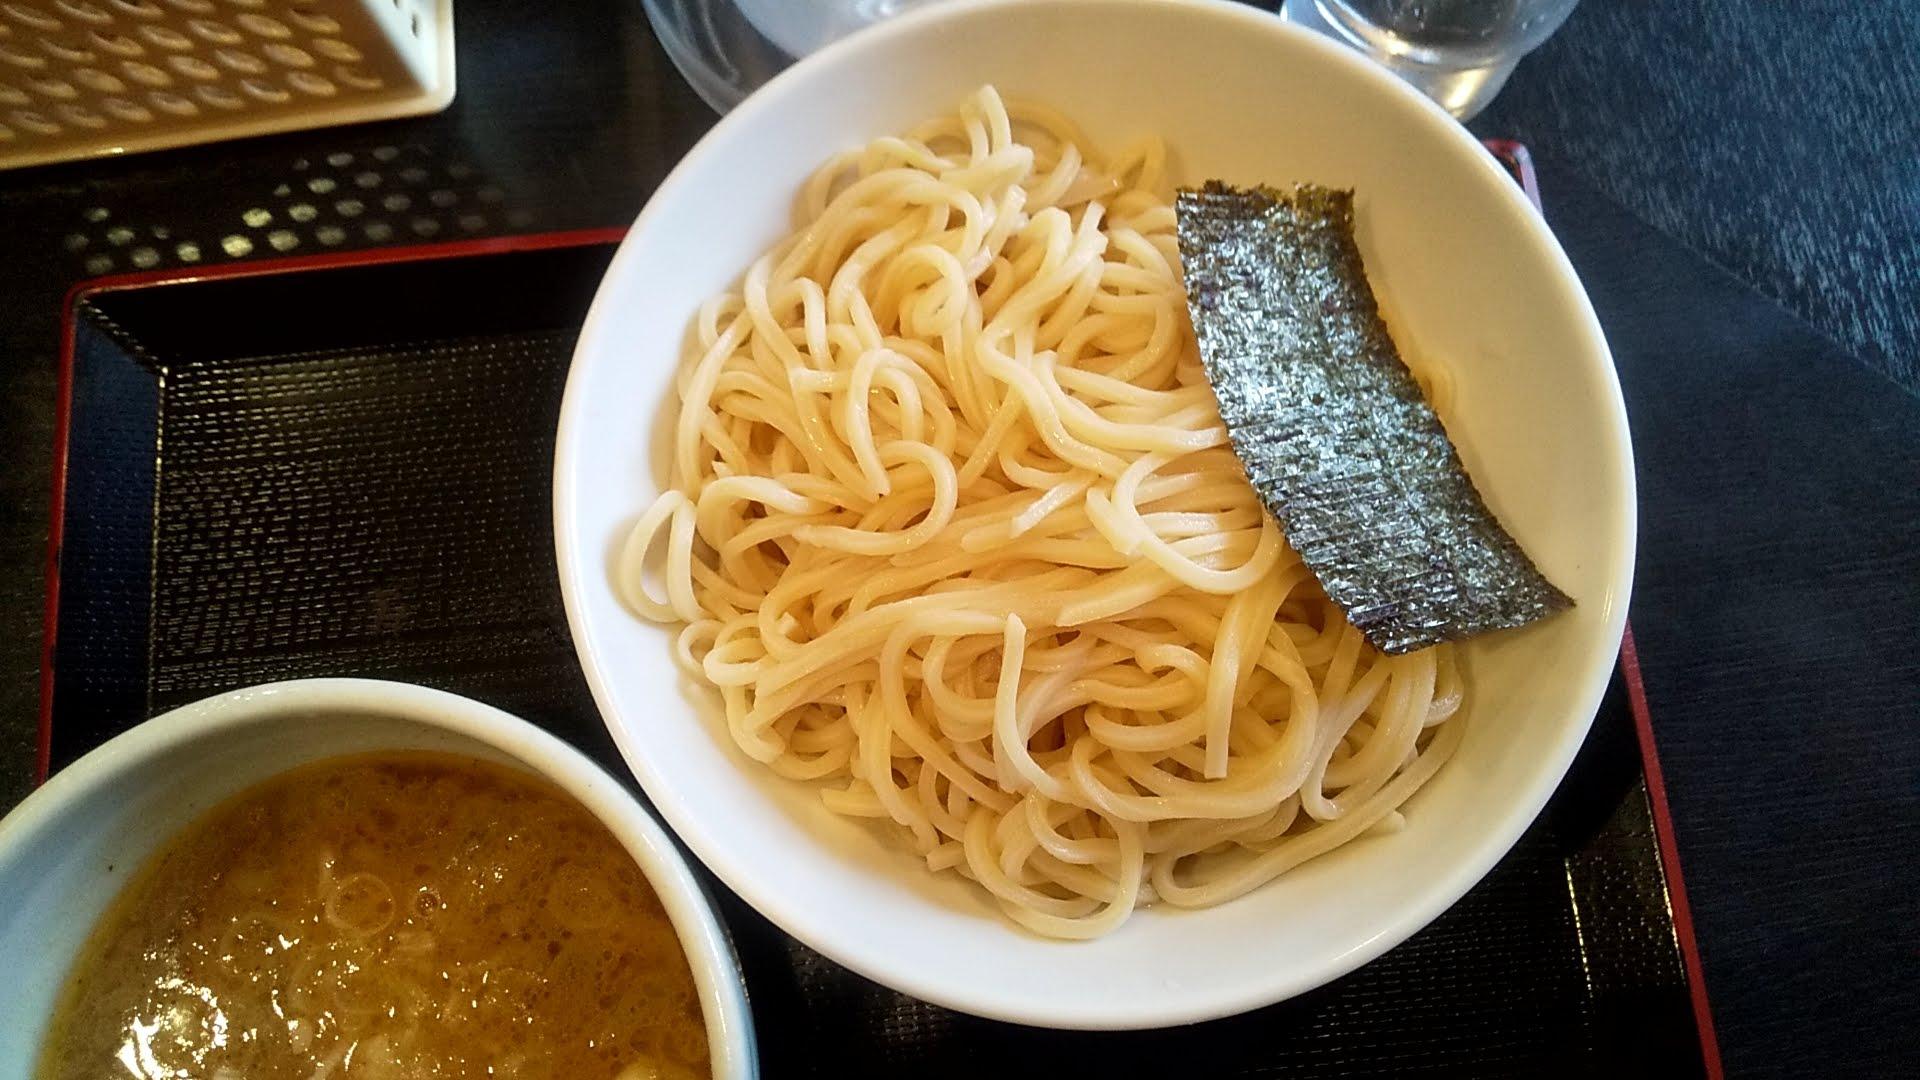 麺屋松尾のつけ麺の麺皿写真